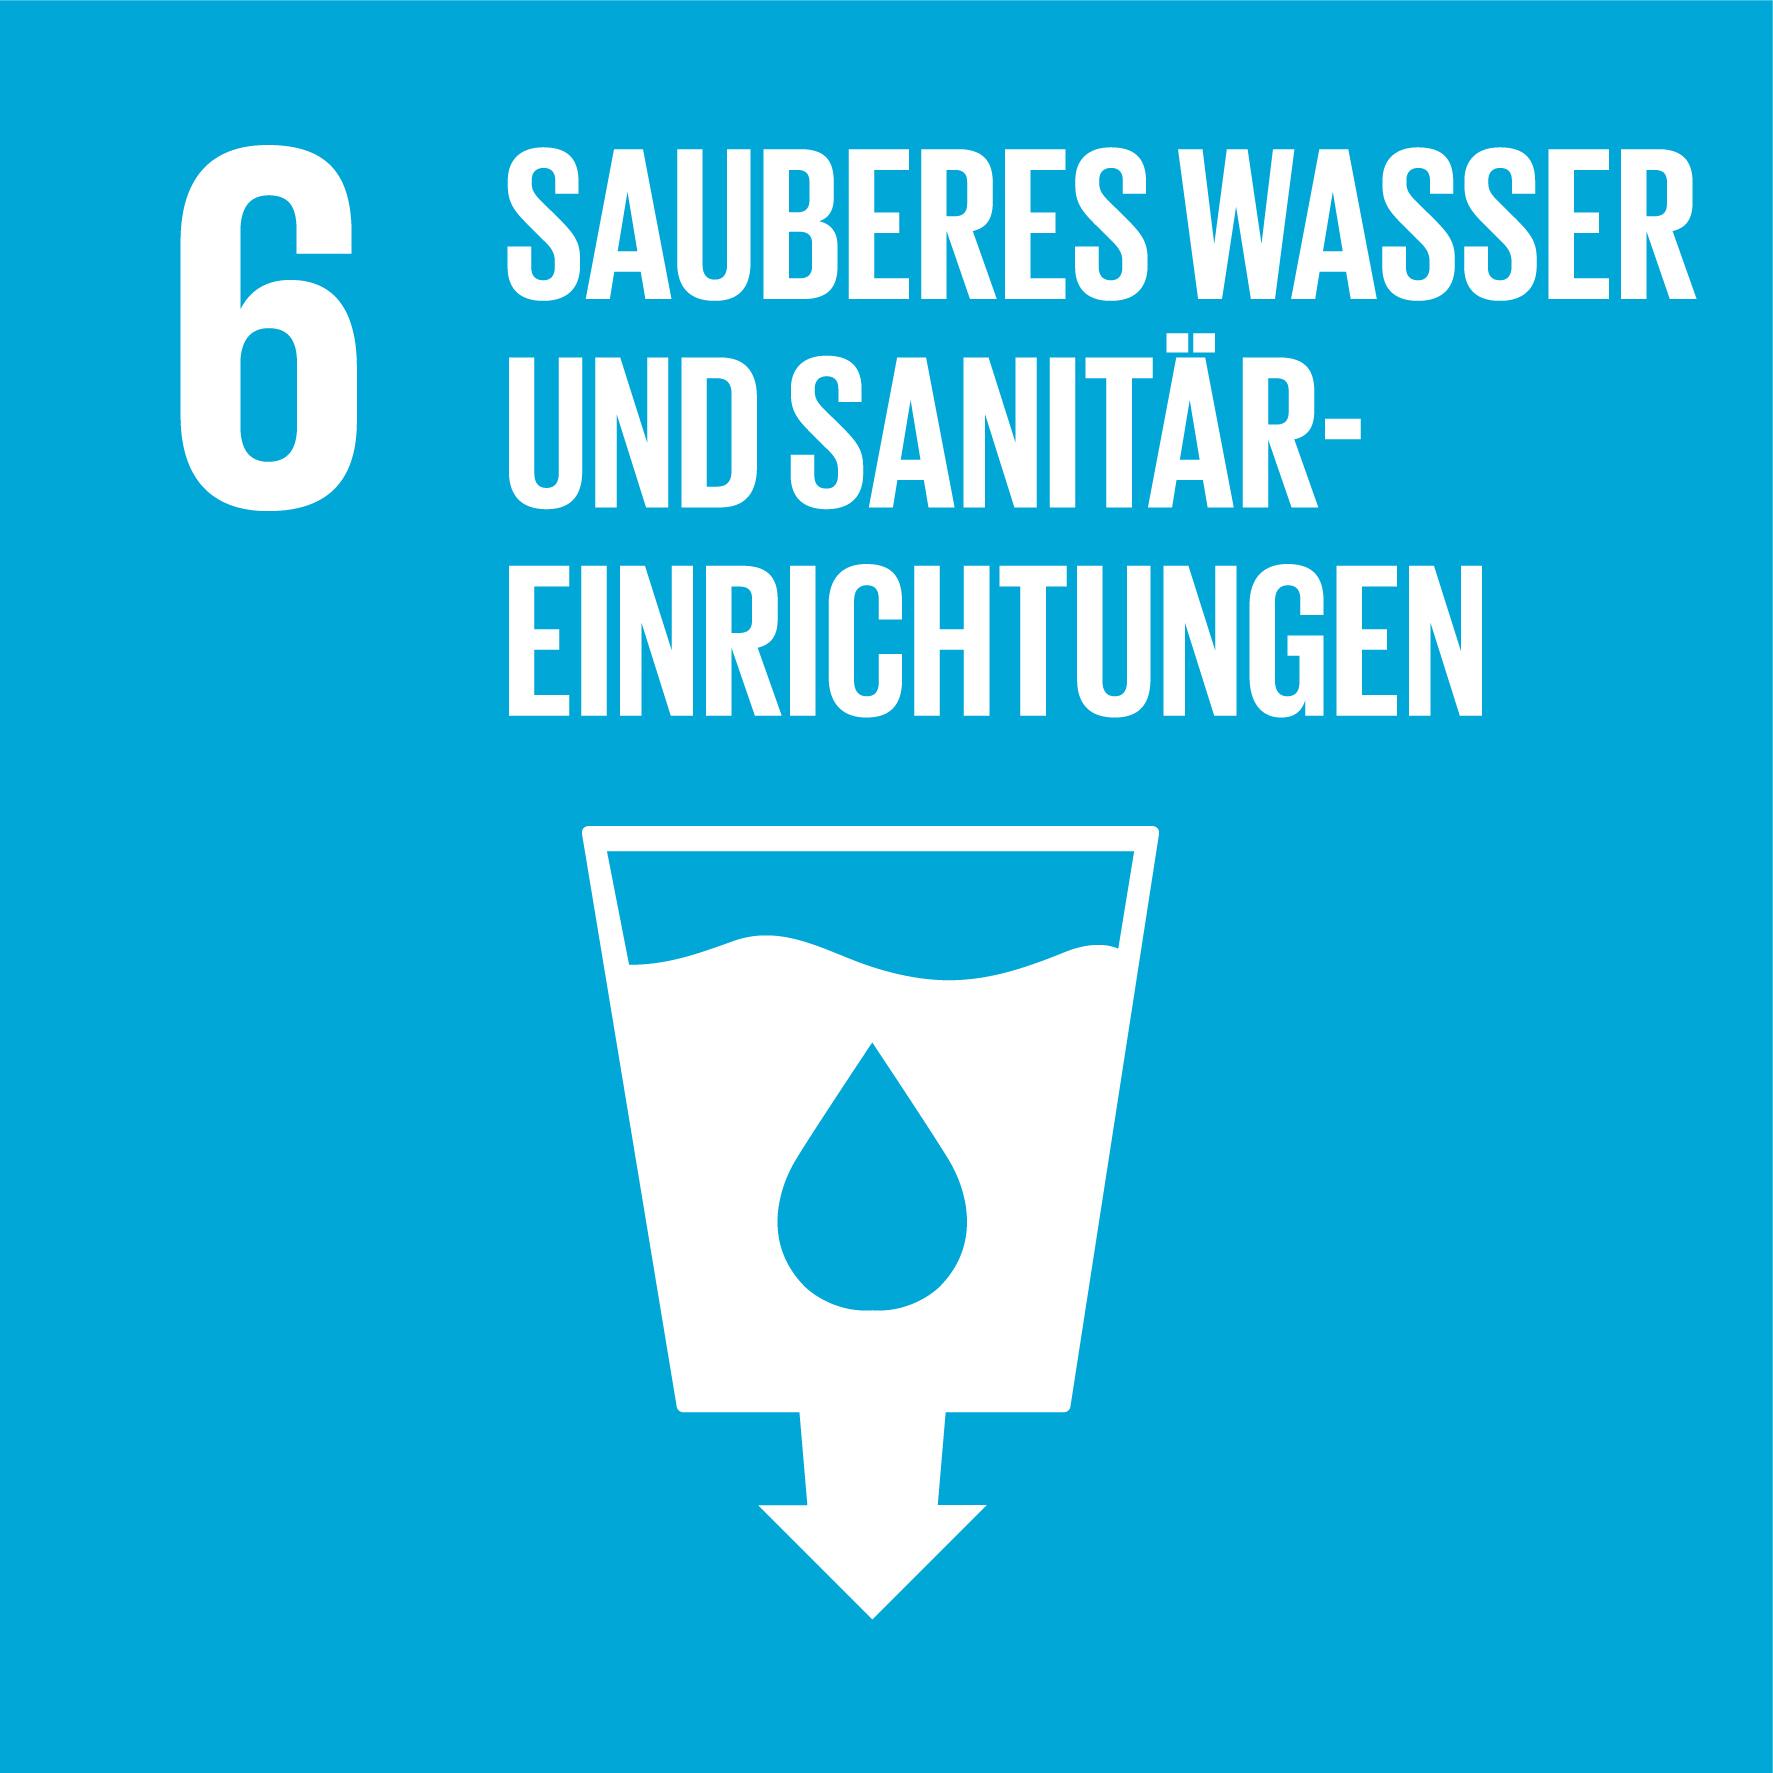 Icon Ziel 6: sauberes wasser